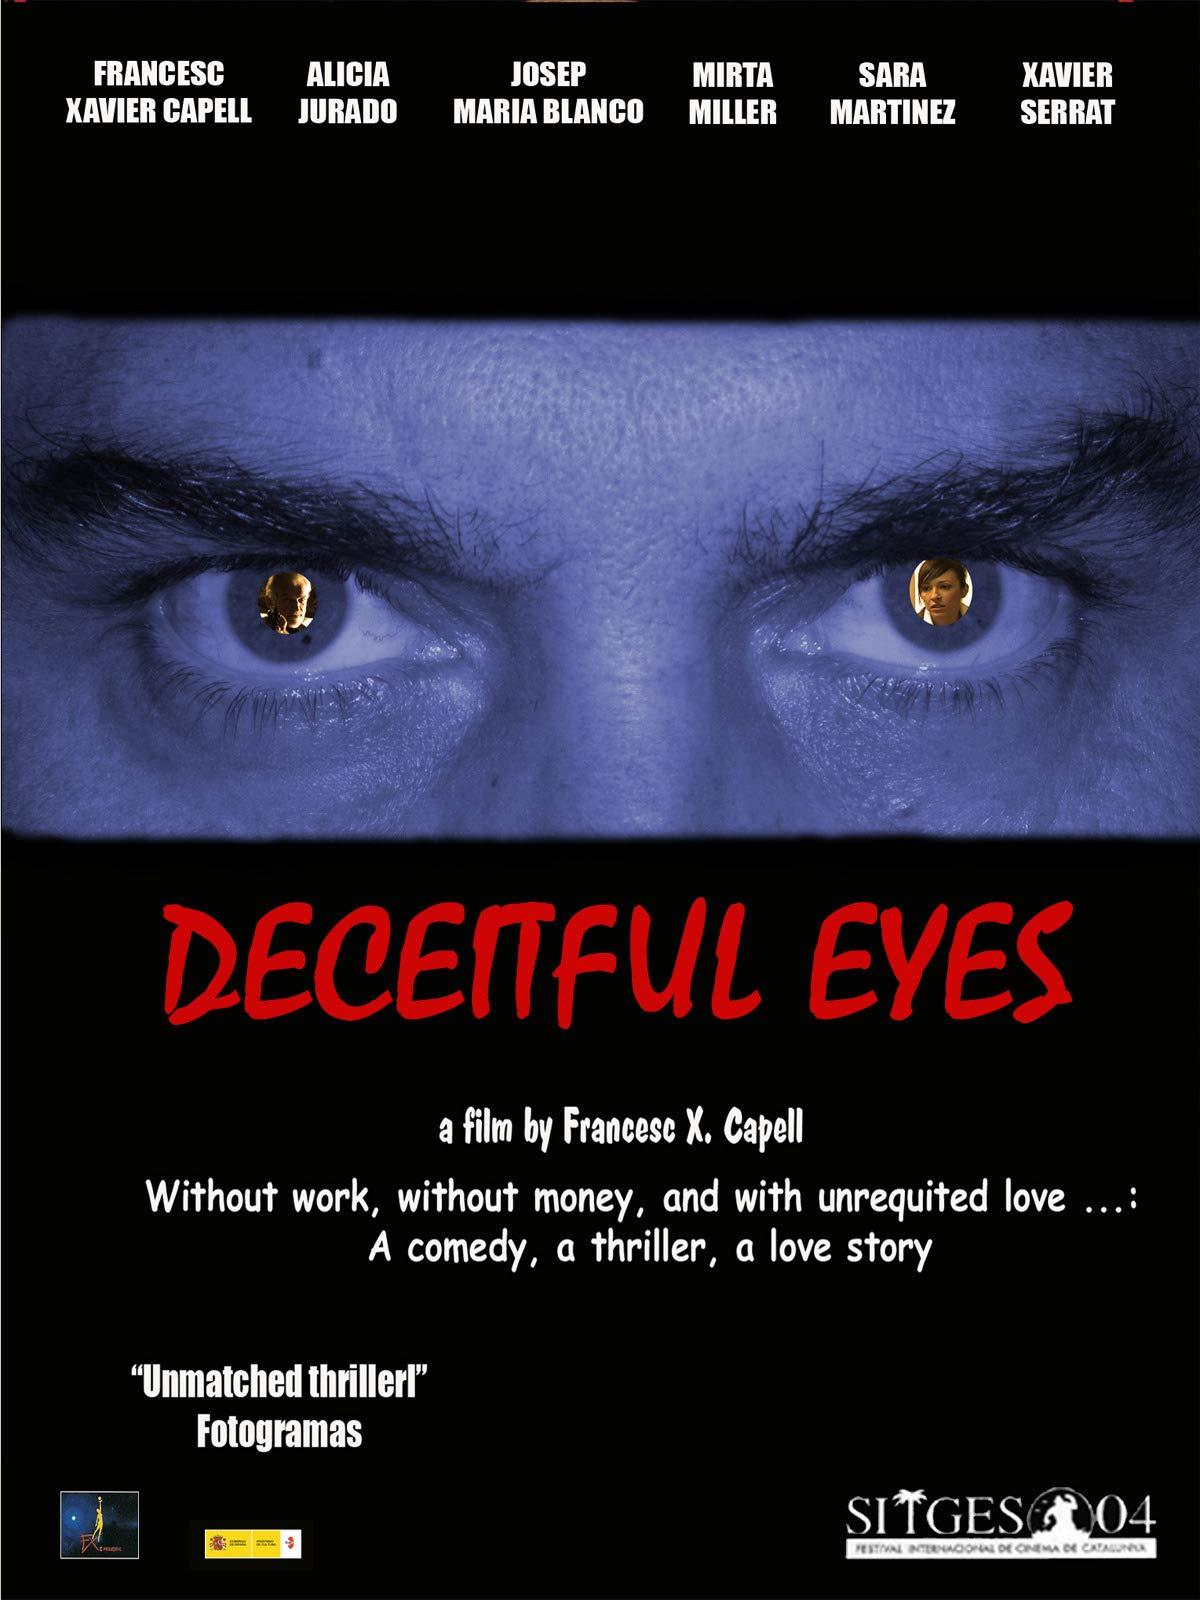 Deceitful eyes (Los ojos del engaño)